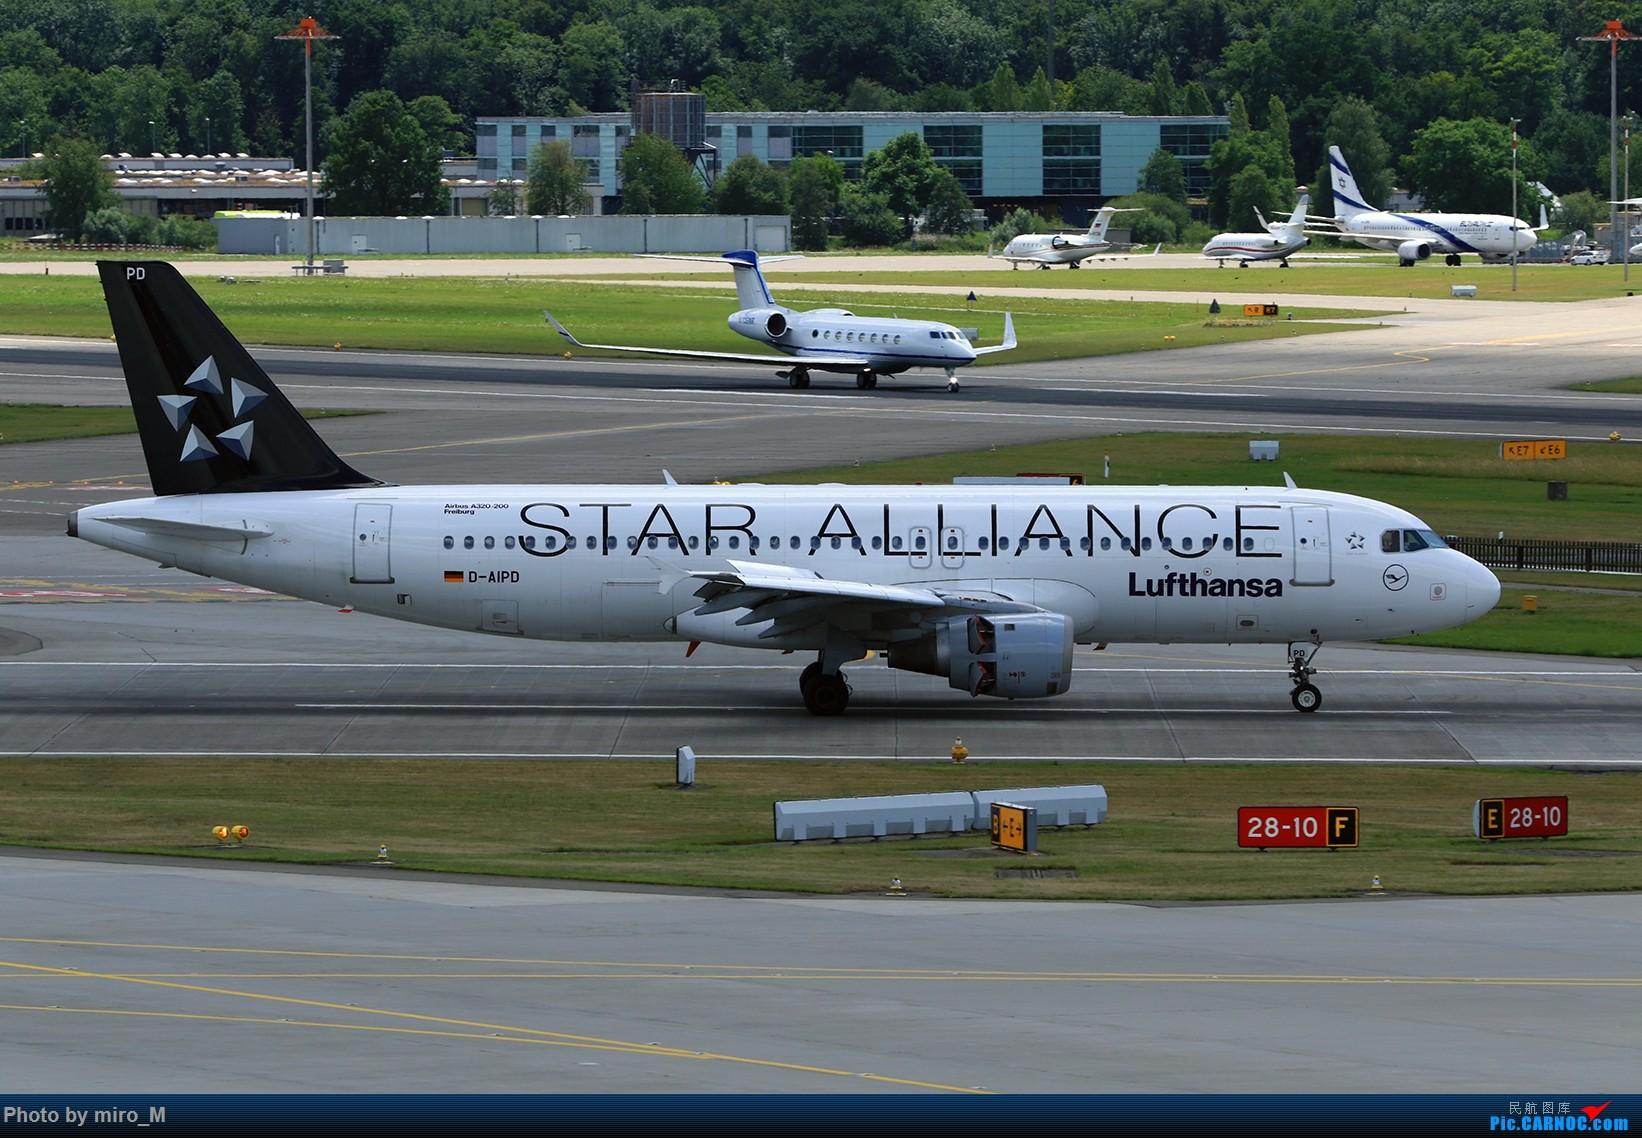 Re:[原创]欧洲浪了一圈,CS100,BAE146,fokker70等新老机型串着飞+ZRH,MUC,FRA,AMS,TLS拍机 AIRBUS A320-200 D-AIPD ZRH